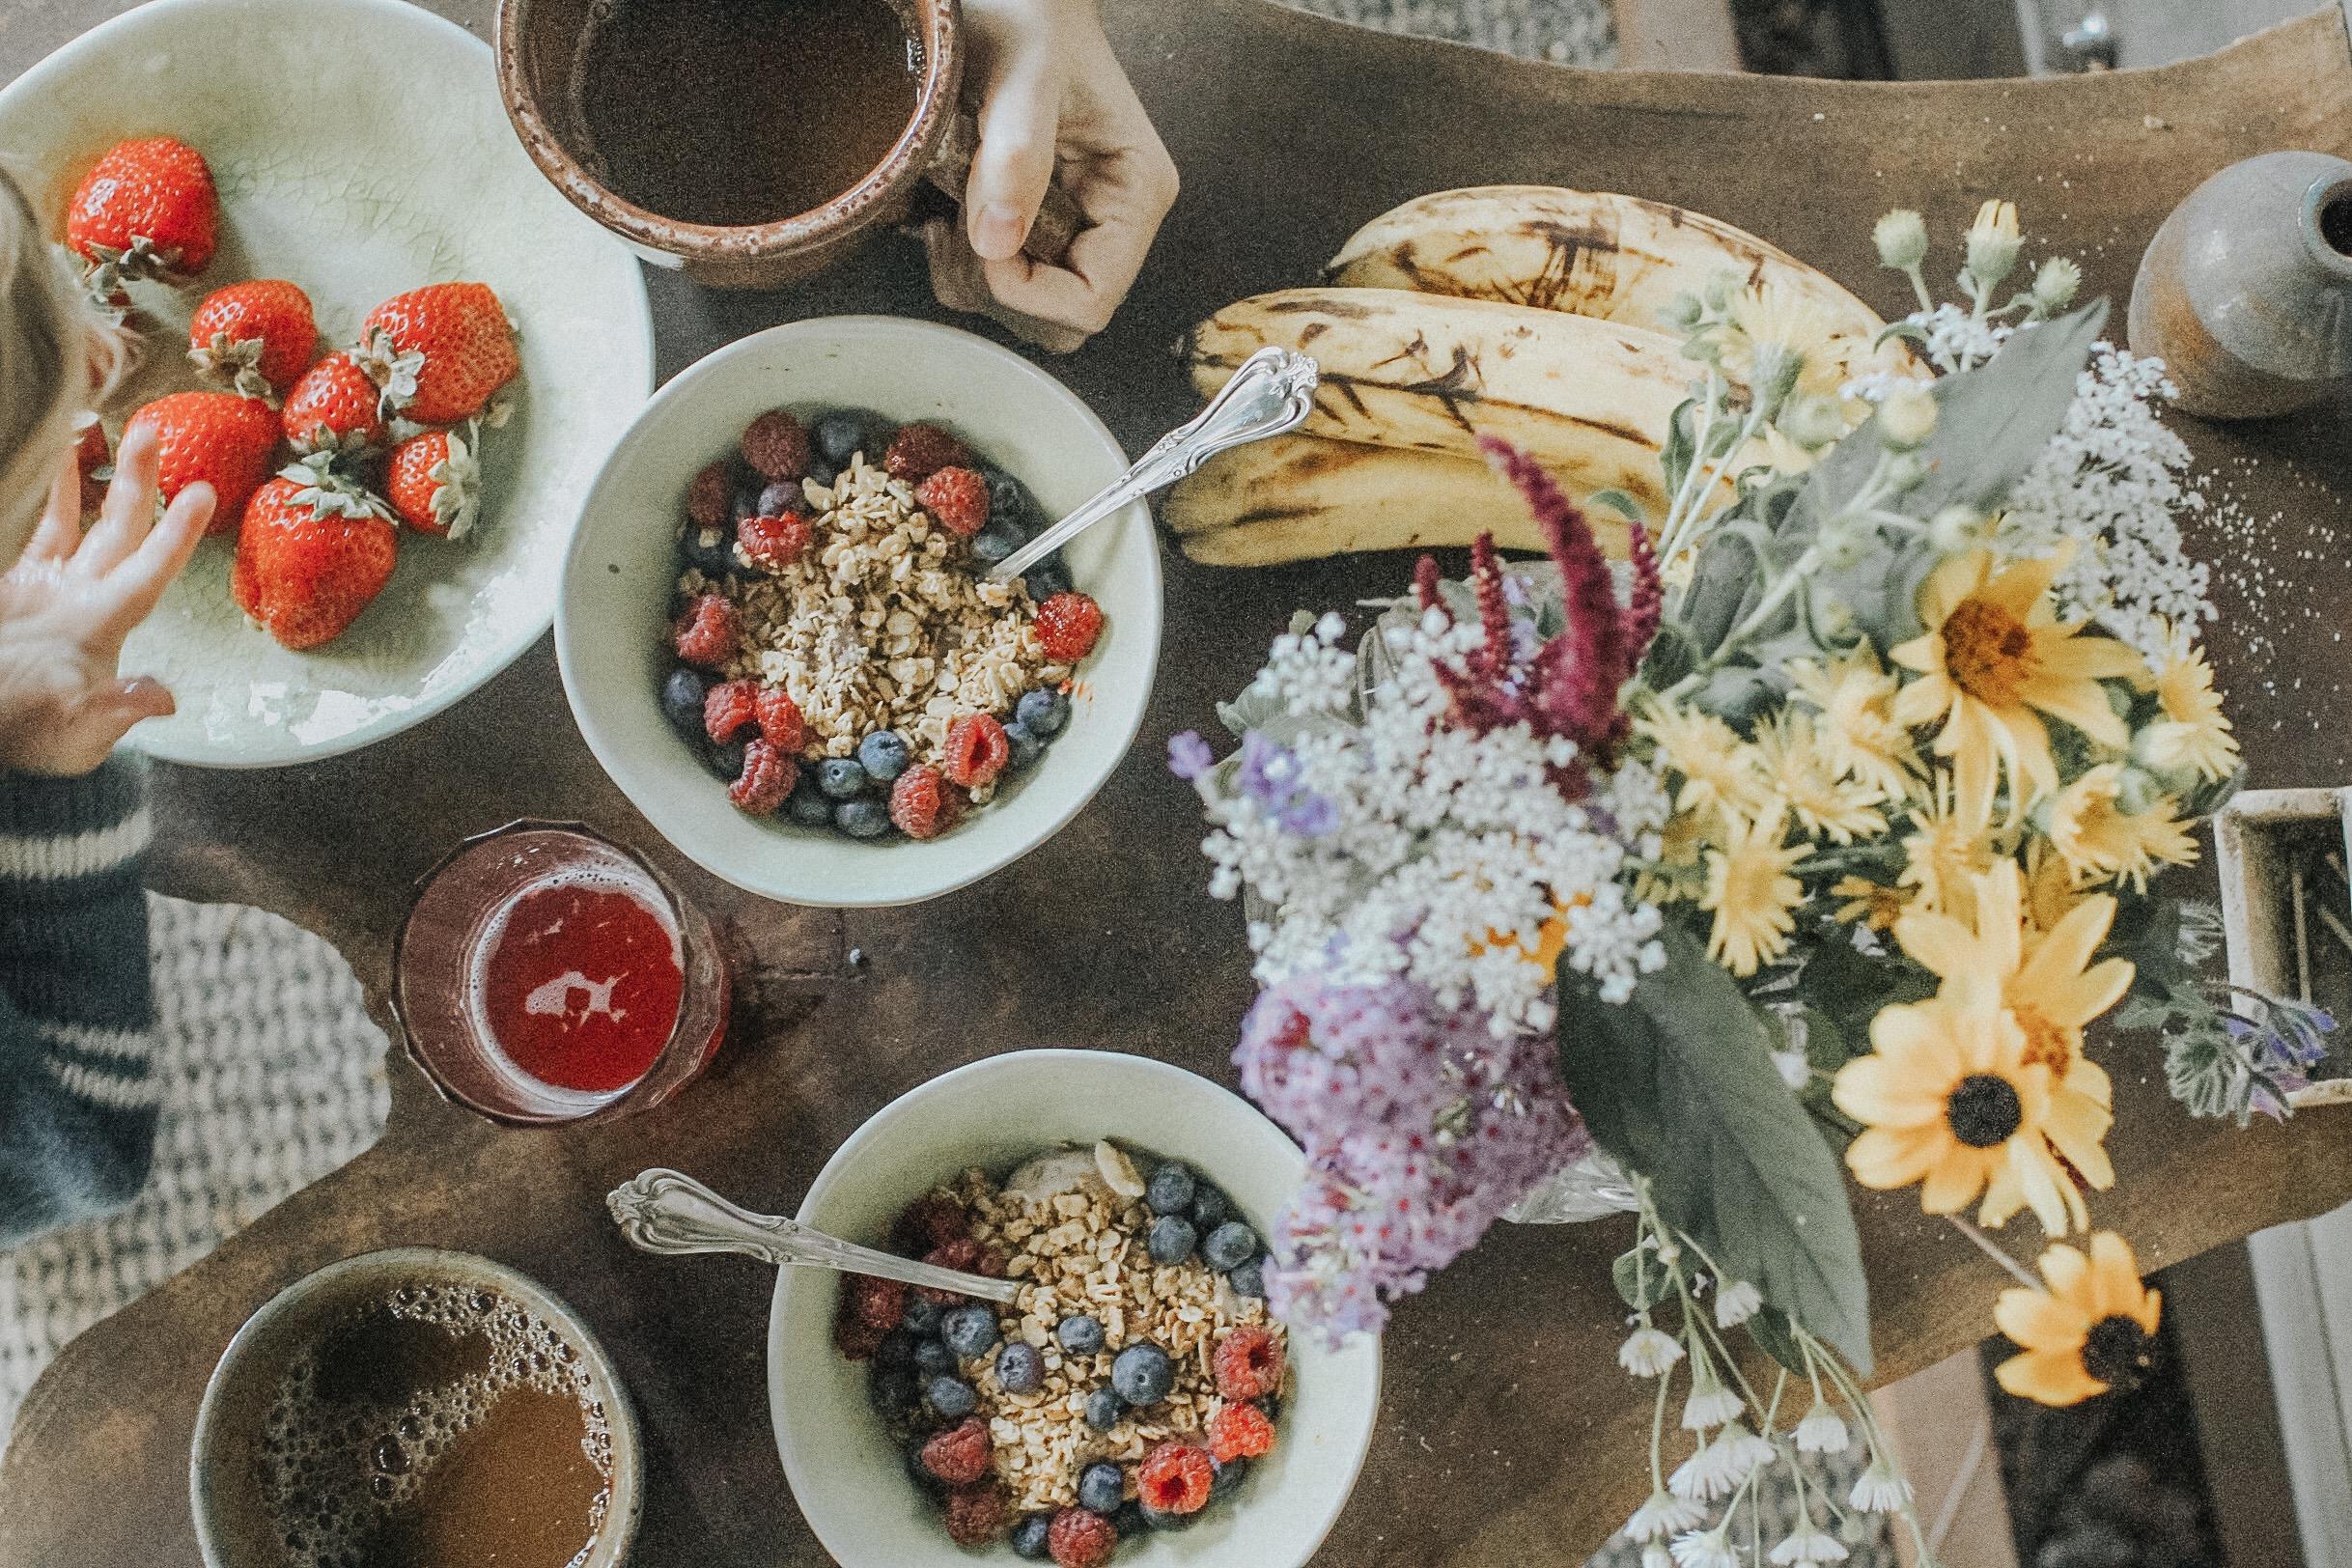 probiotic-foods-antidepressant.JPG